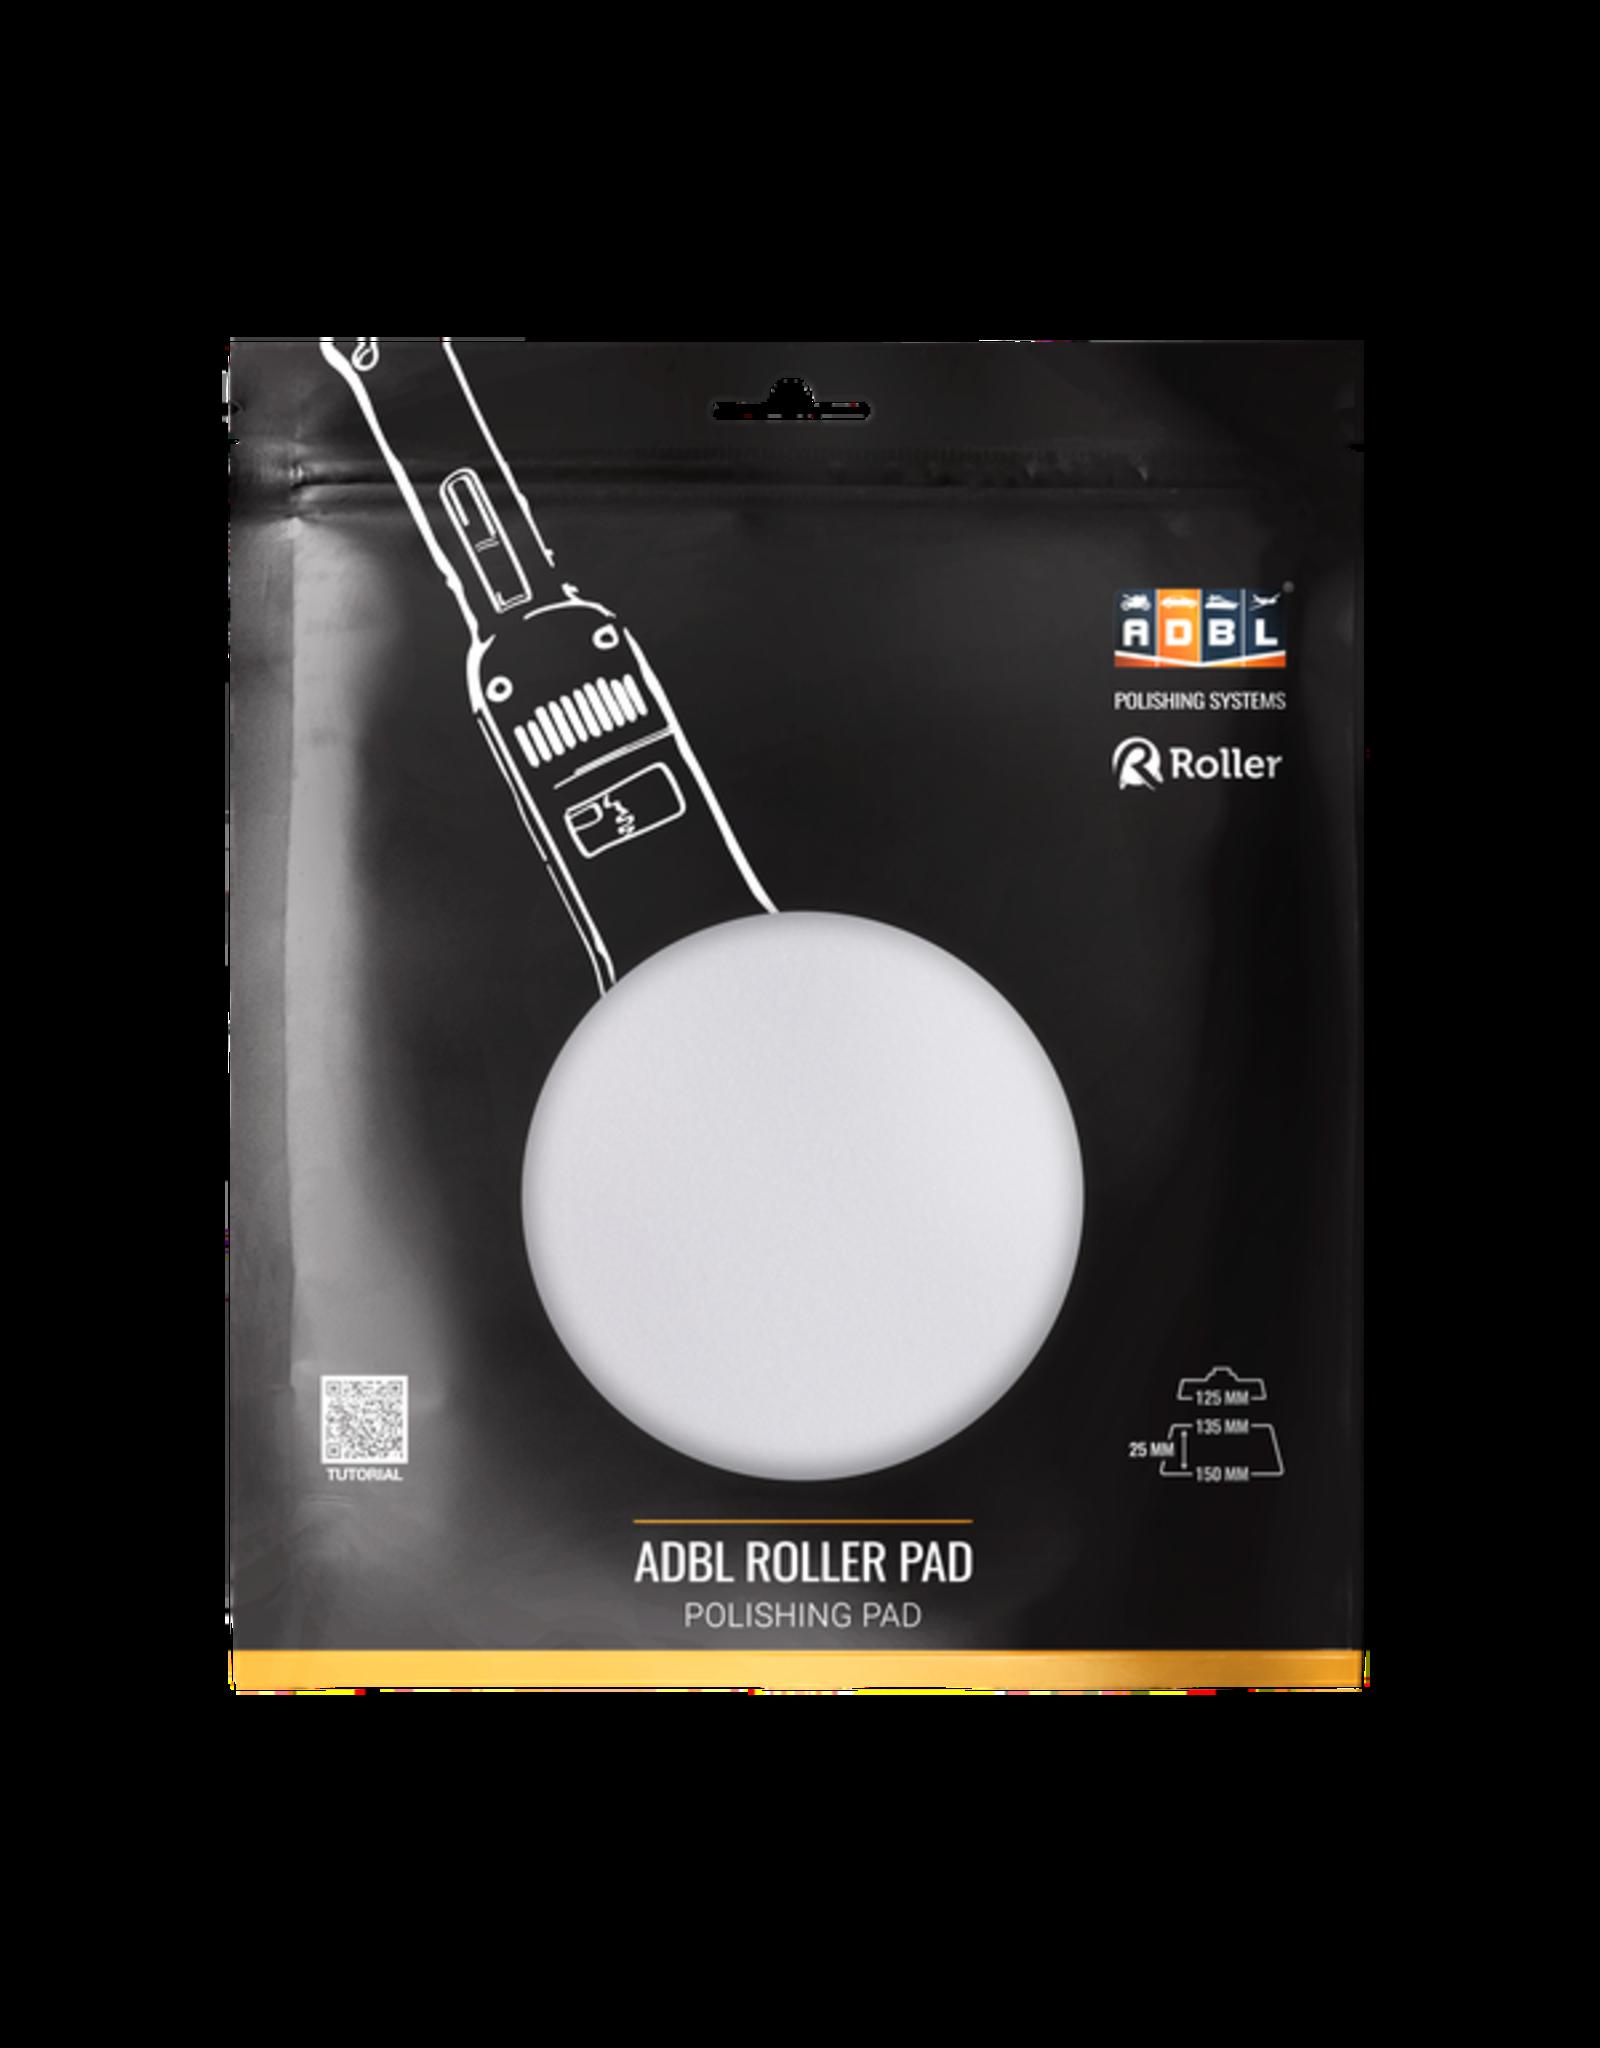 ADBL Roller Pad R Cut 125mm